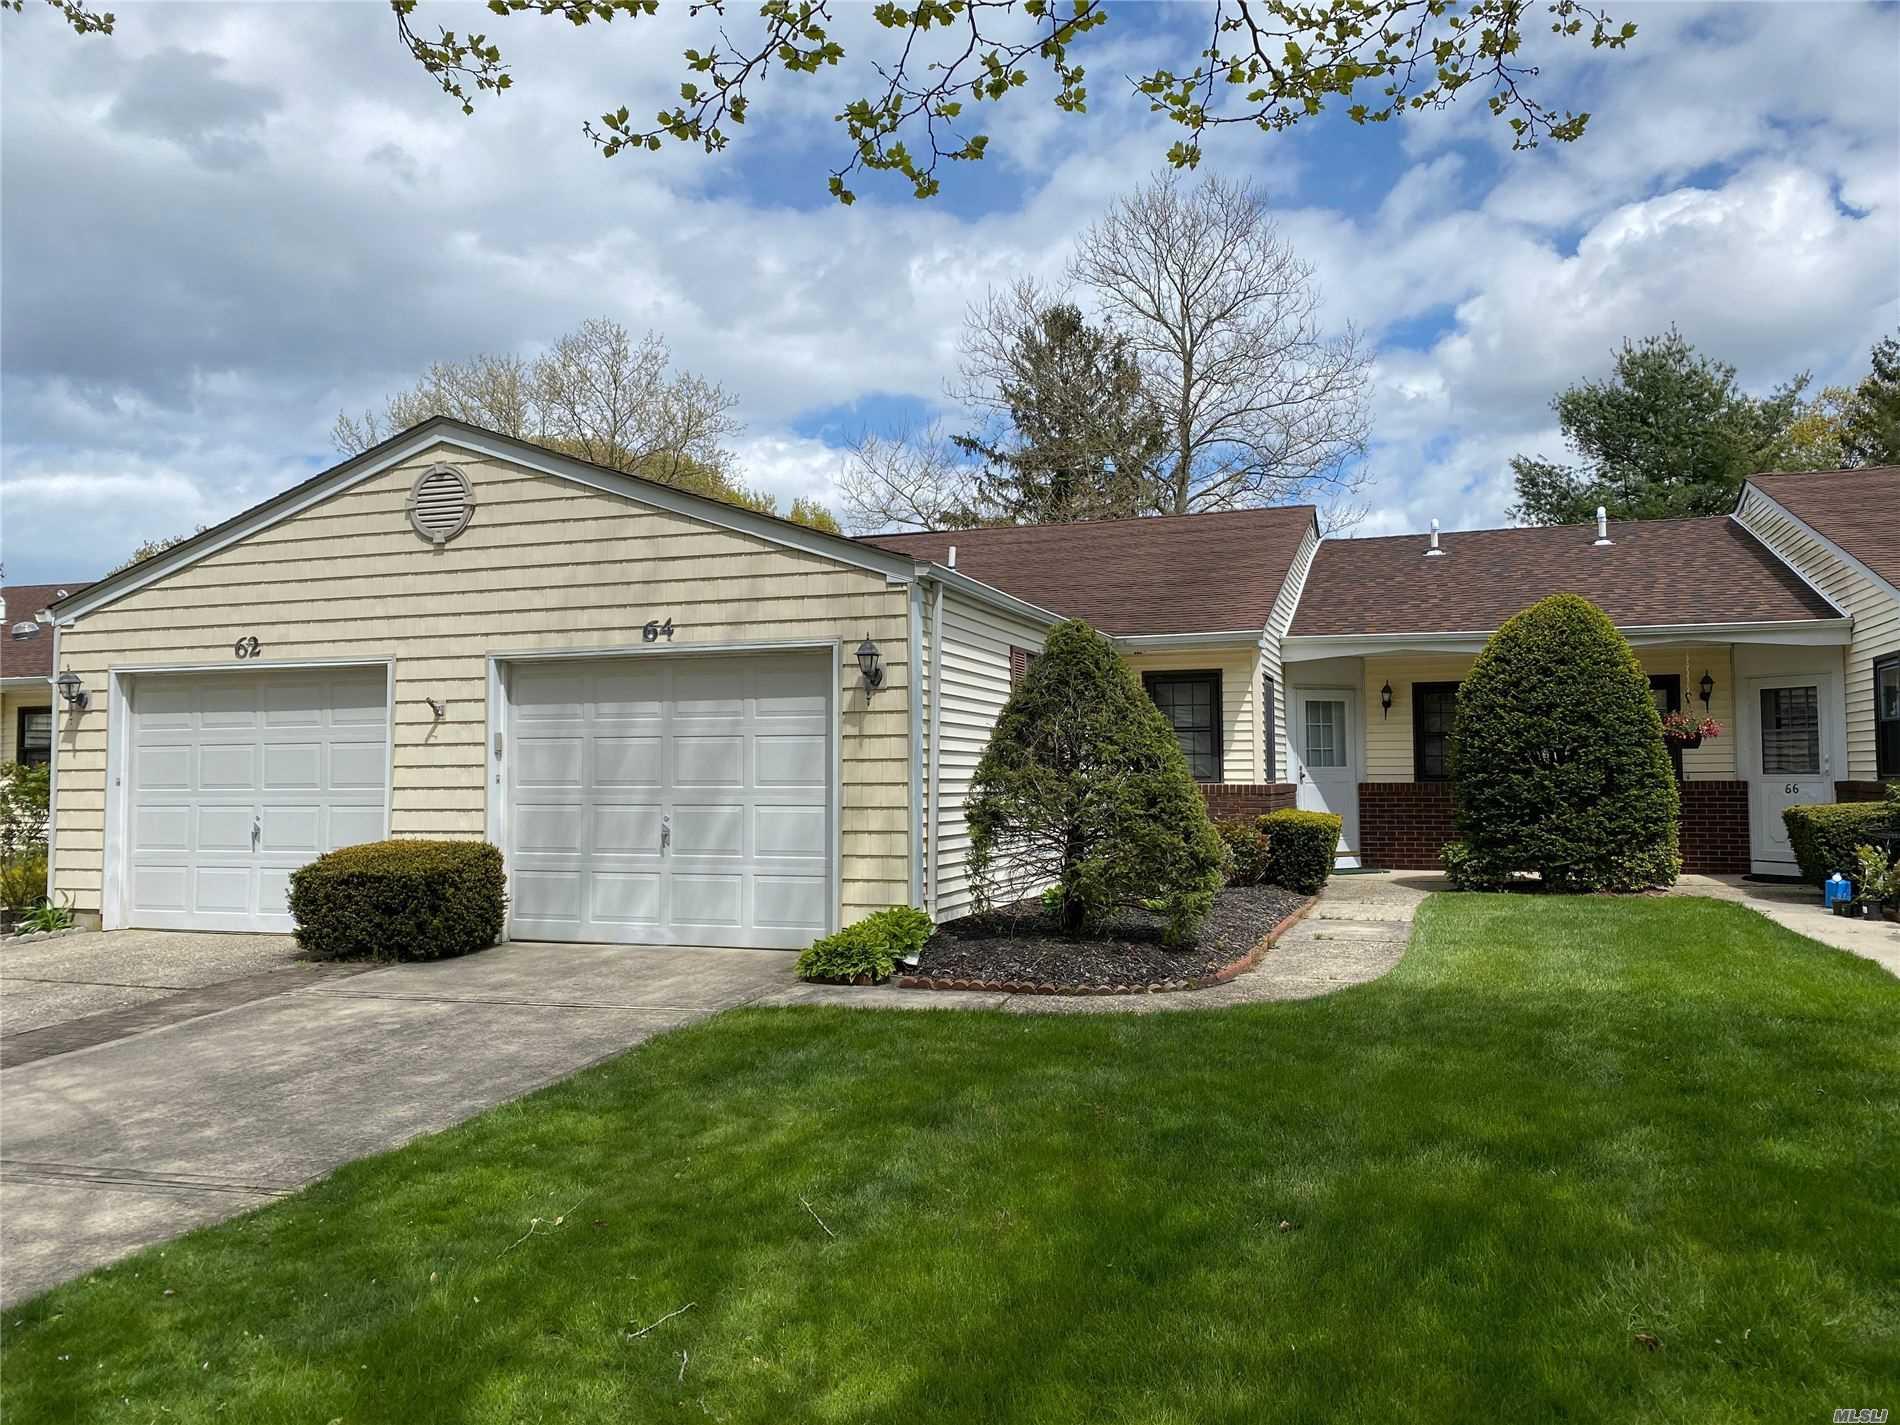 Property for sale at 64 Knolls Dr, Stony Brook NY 11790, Stony Brook,  New York 11790